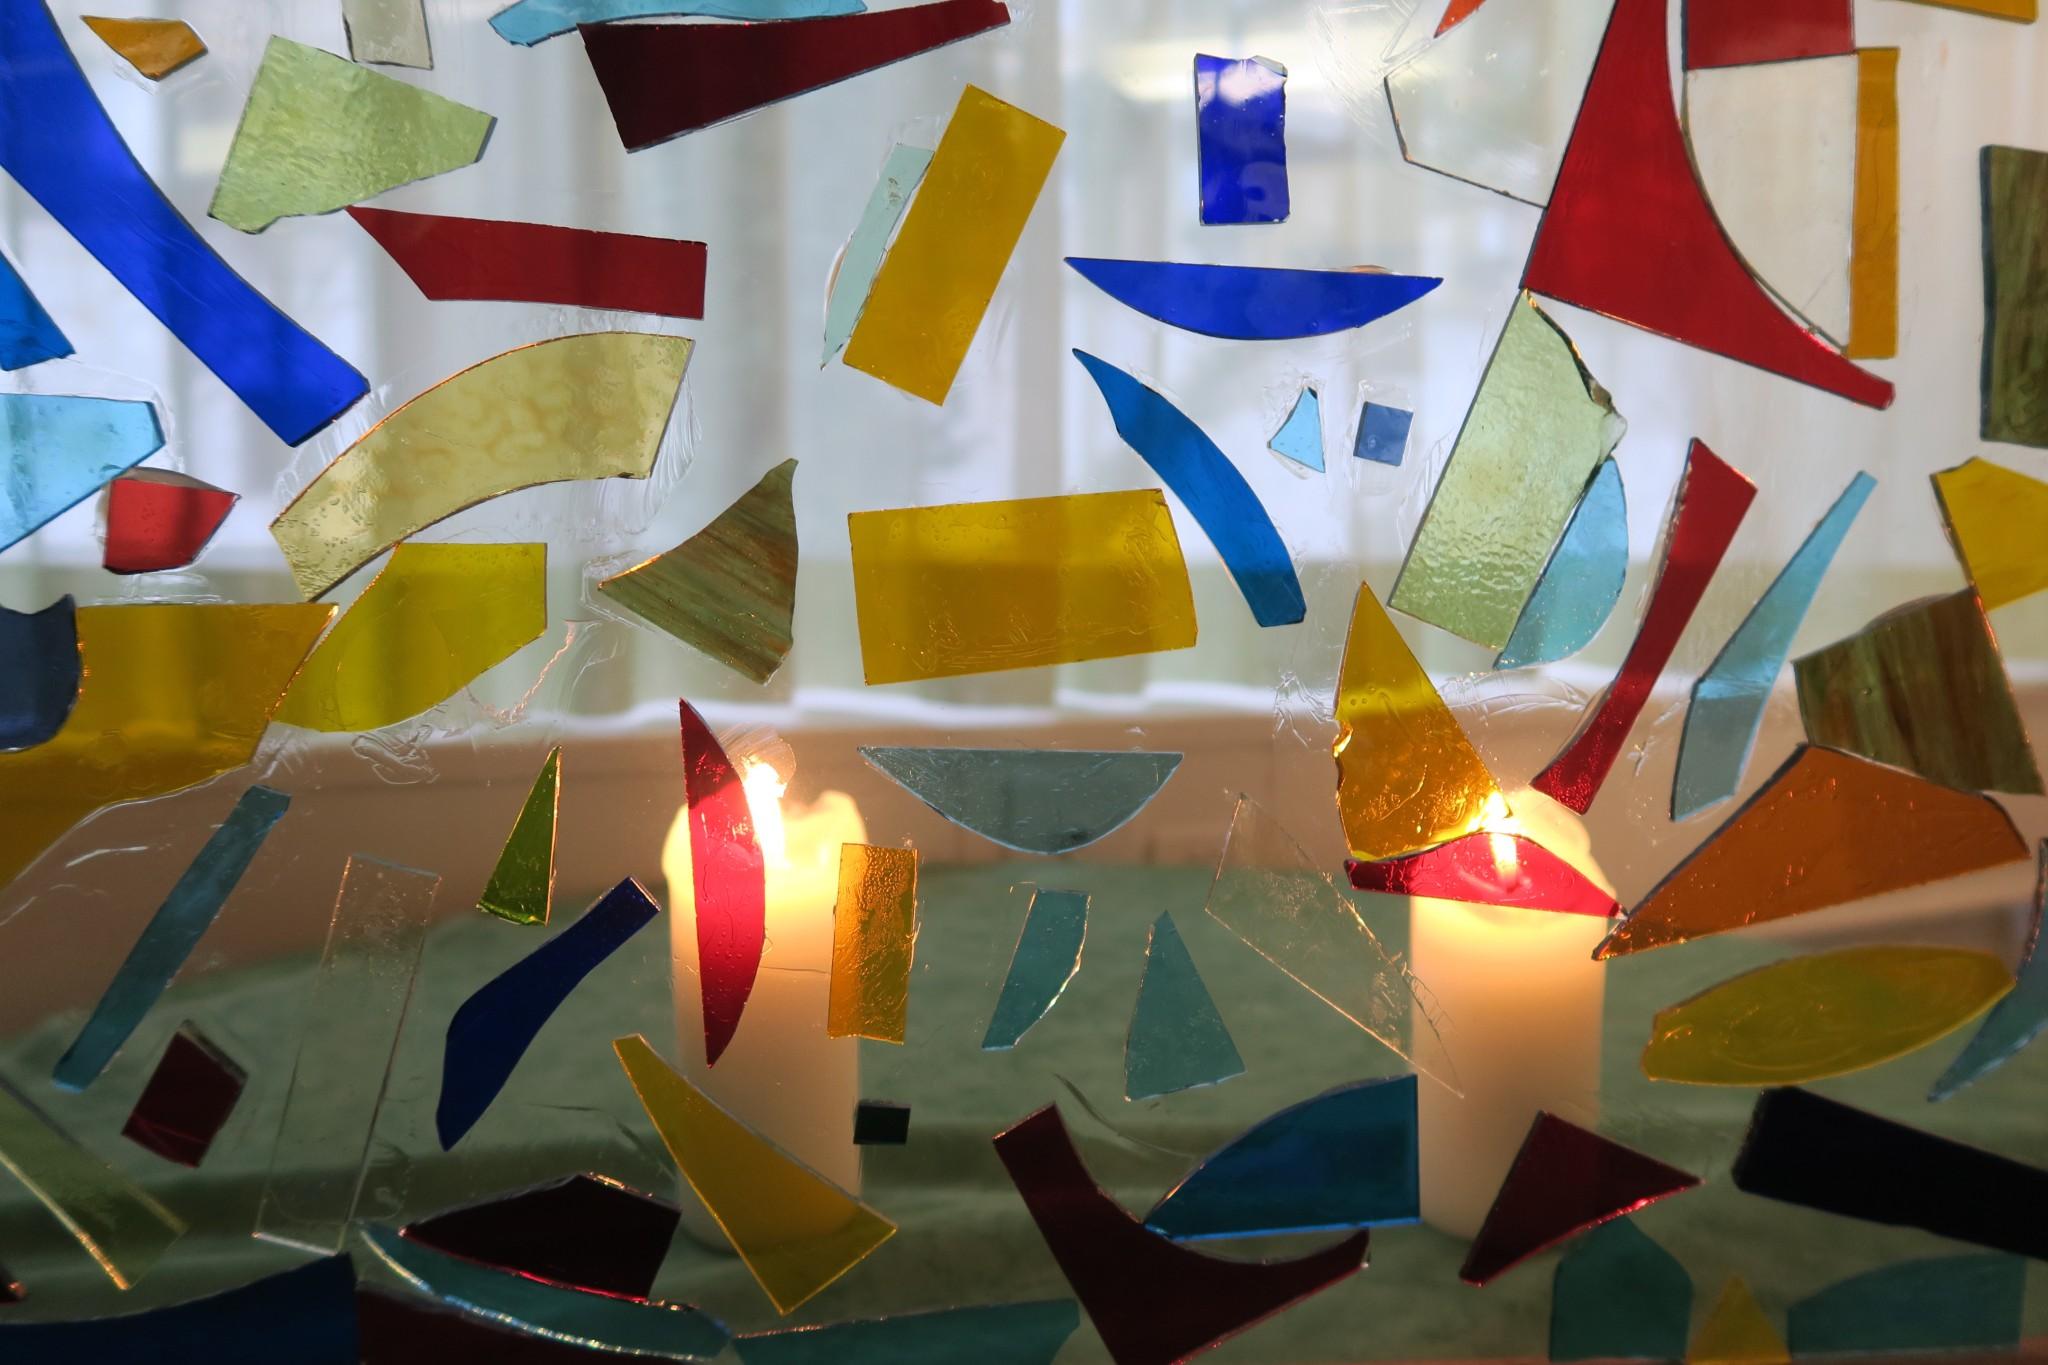 Kirchenfenster_Behindertenseelsorge_FOTO_Stefan Arnold